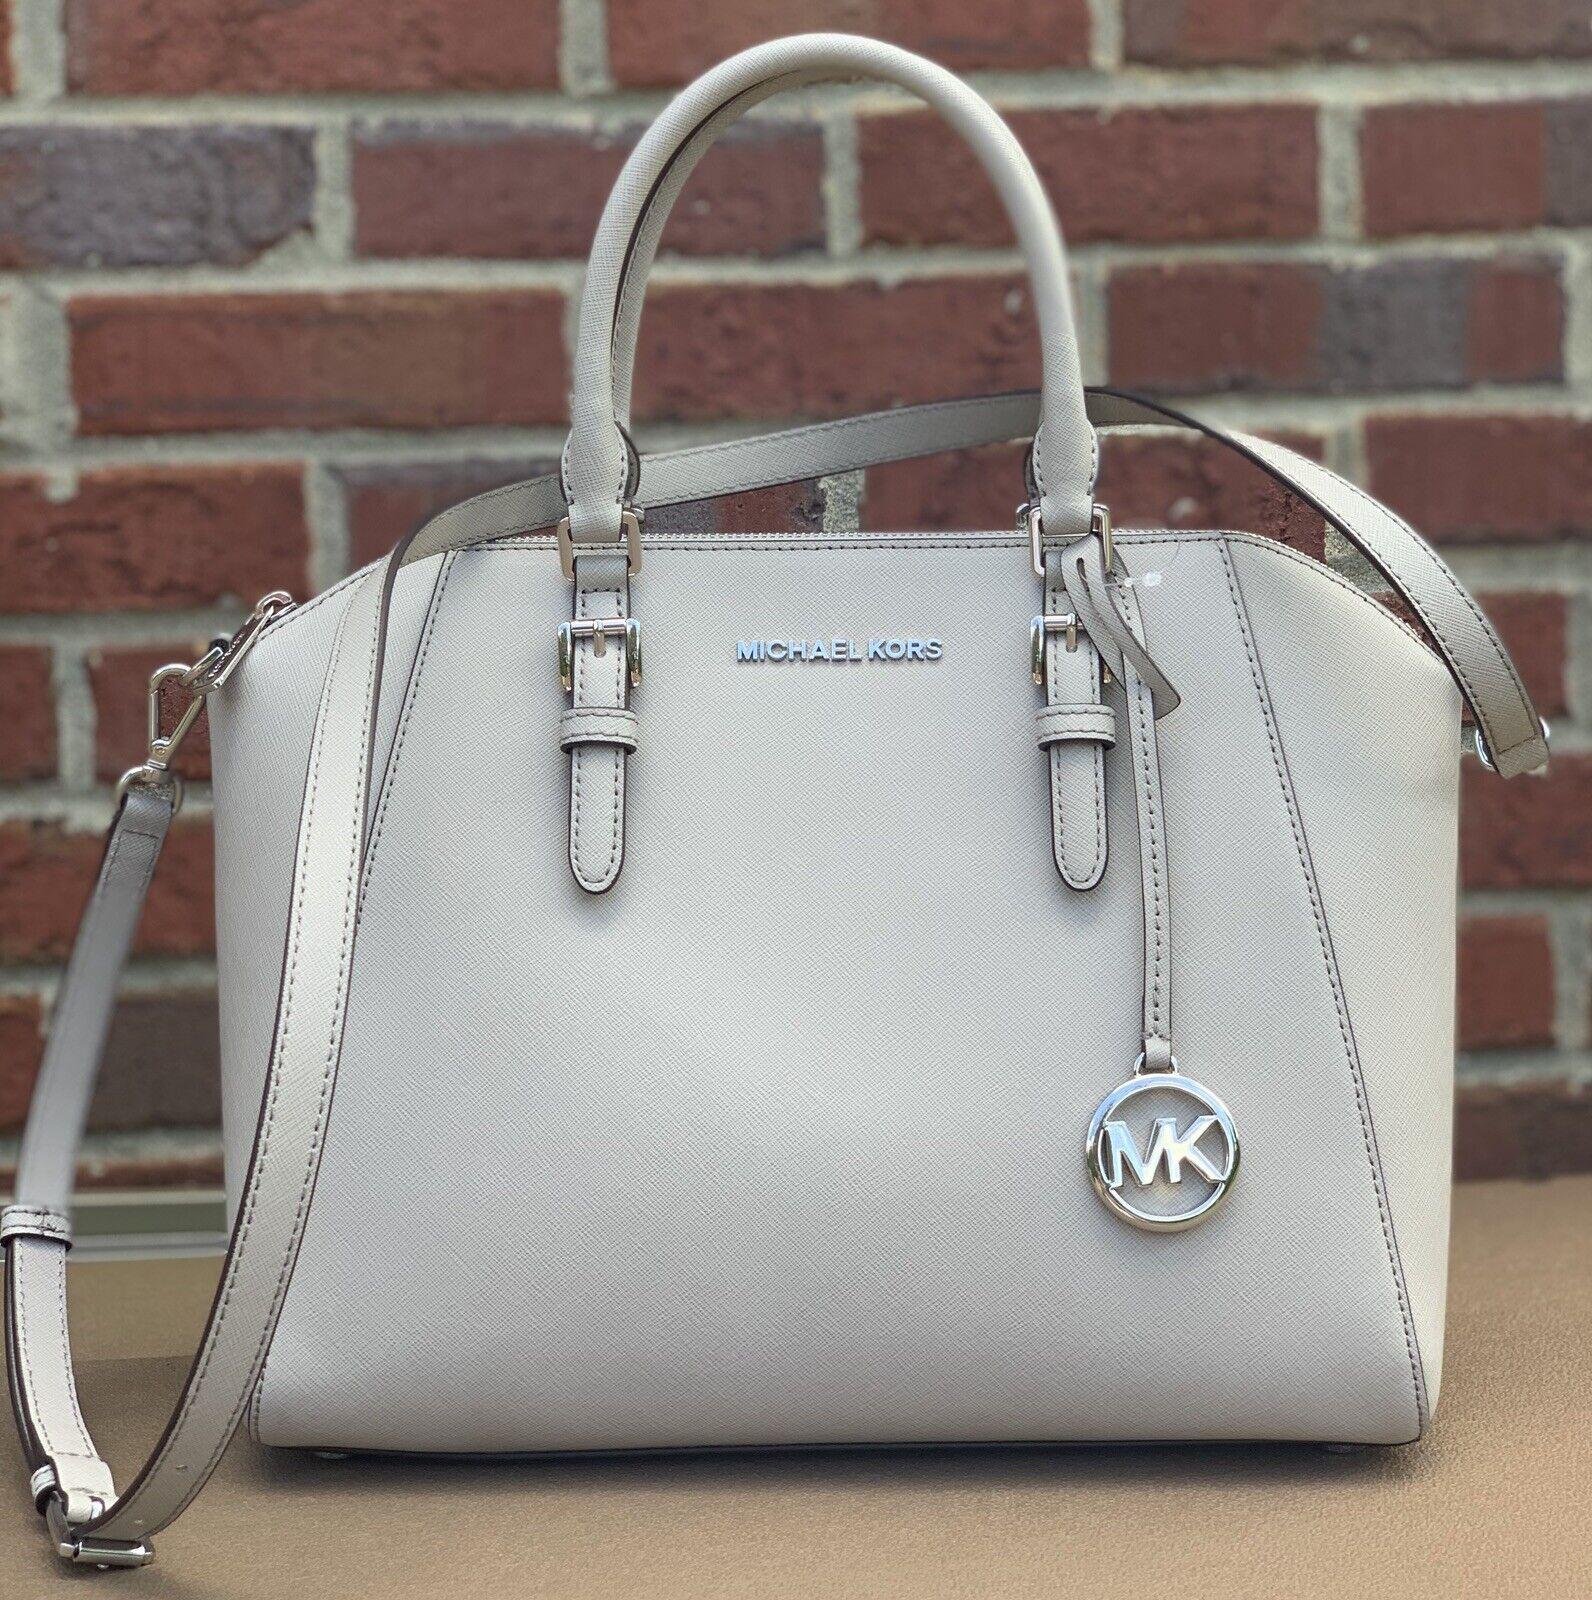 nwt ciara large bag grey saffiano leather